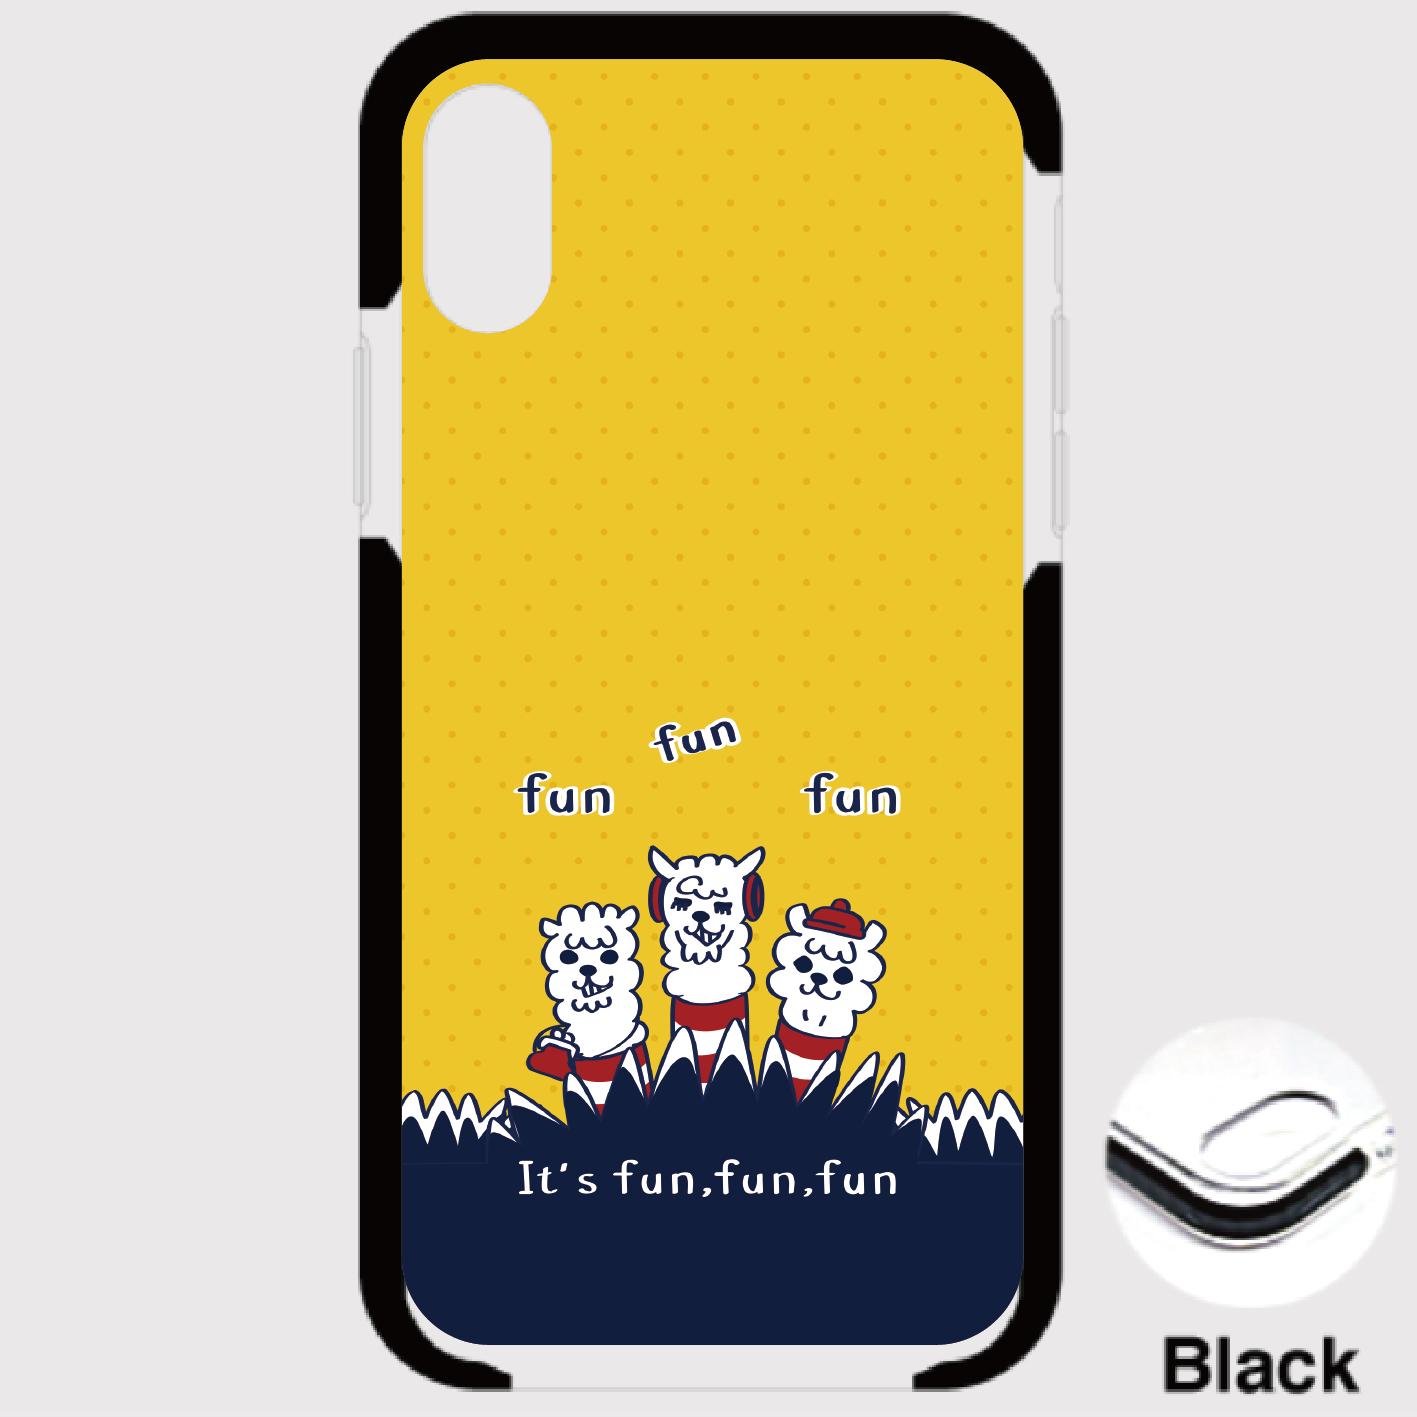 A*iPhone XR/X/XS/8/7*1801LYxあるぱかイズムの黄色い*クッションバンパーケース